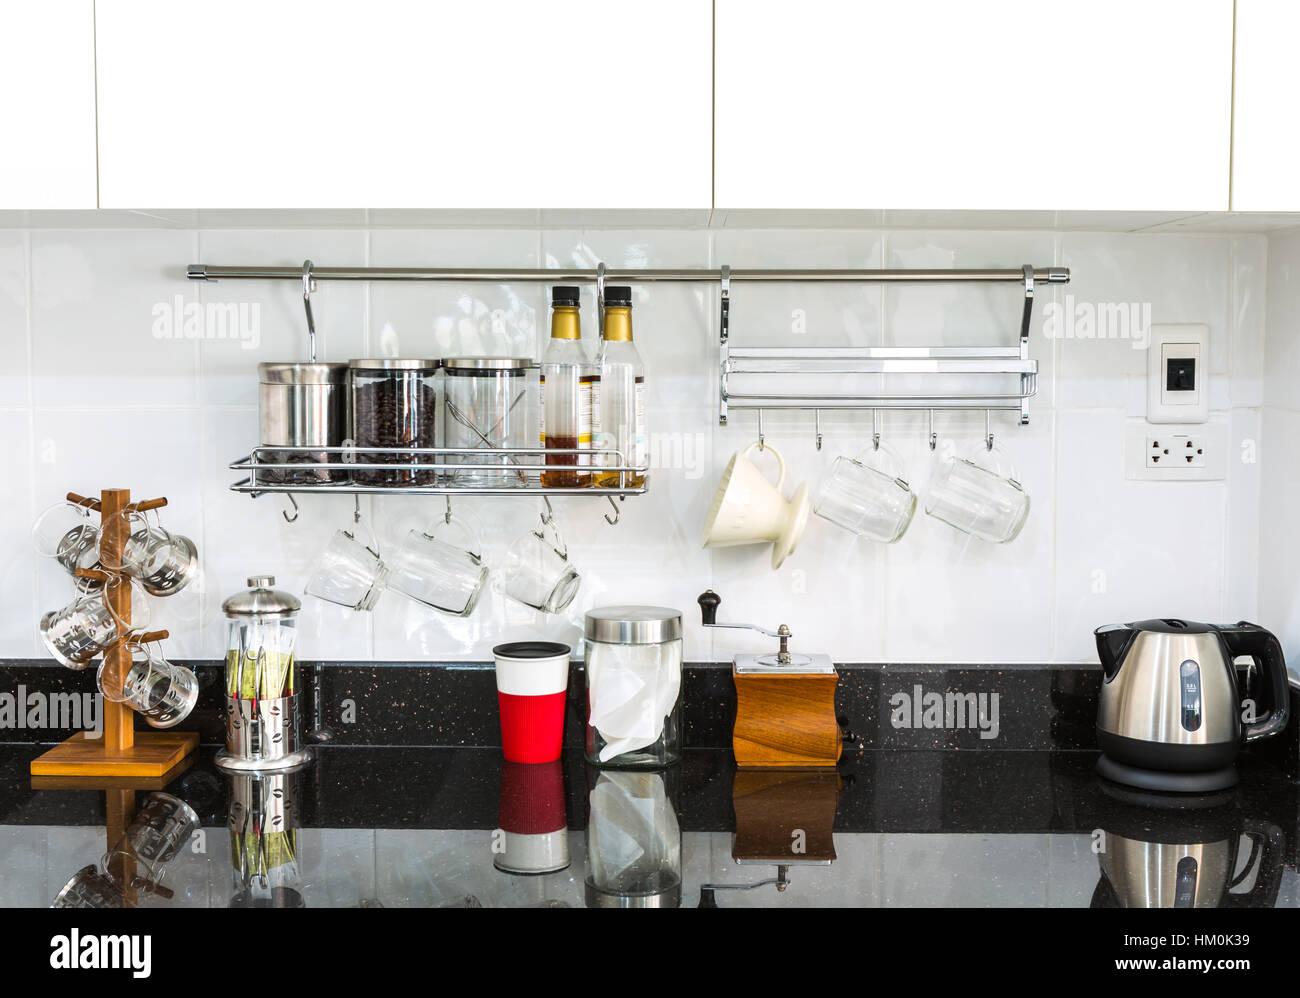 Küchenschränke mit Kaffee-Ecke im modernen Wohnzimmer Stockfoto ...